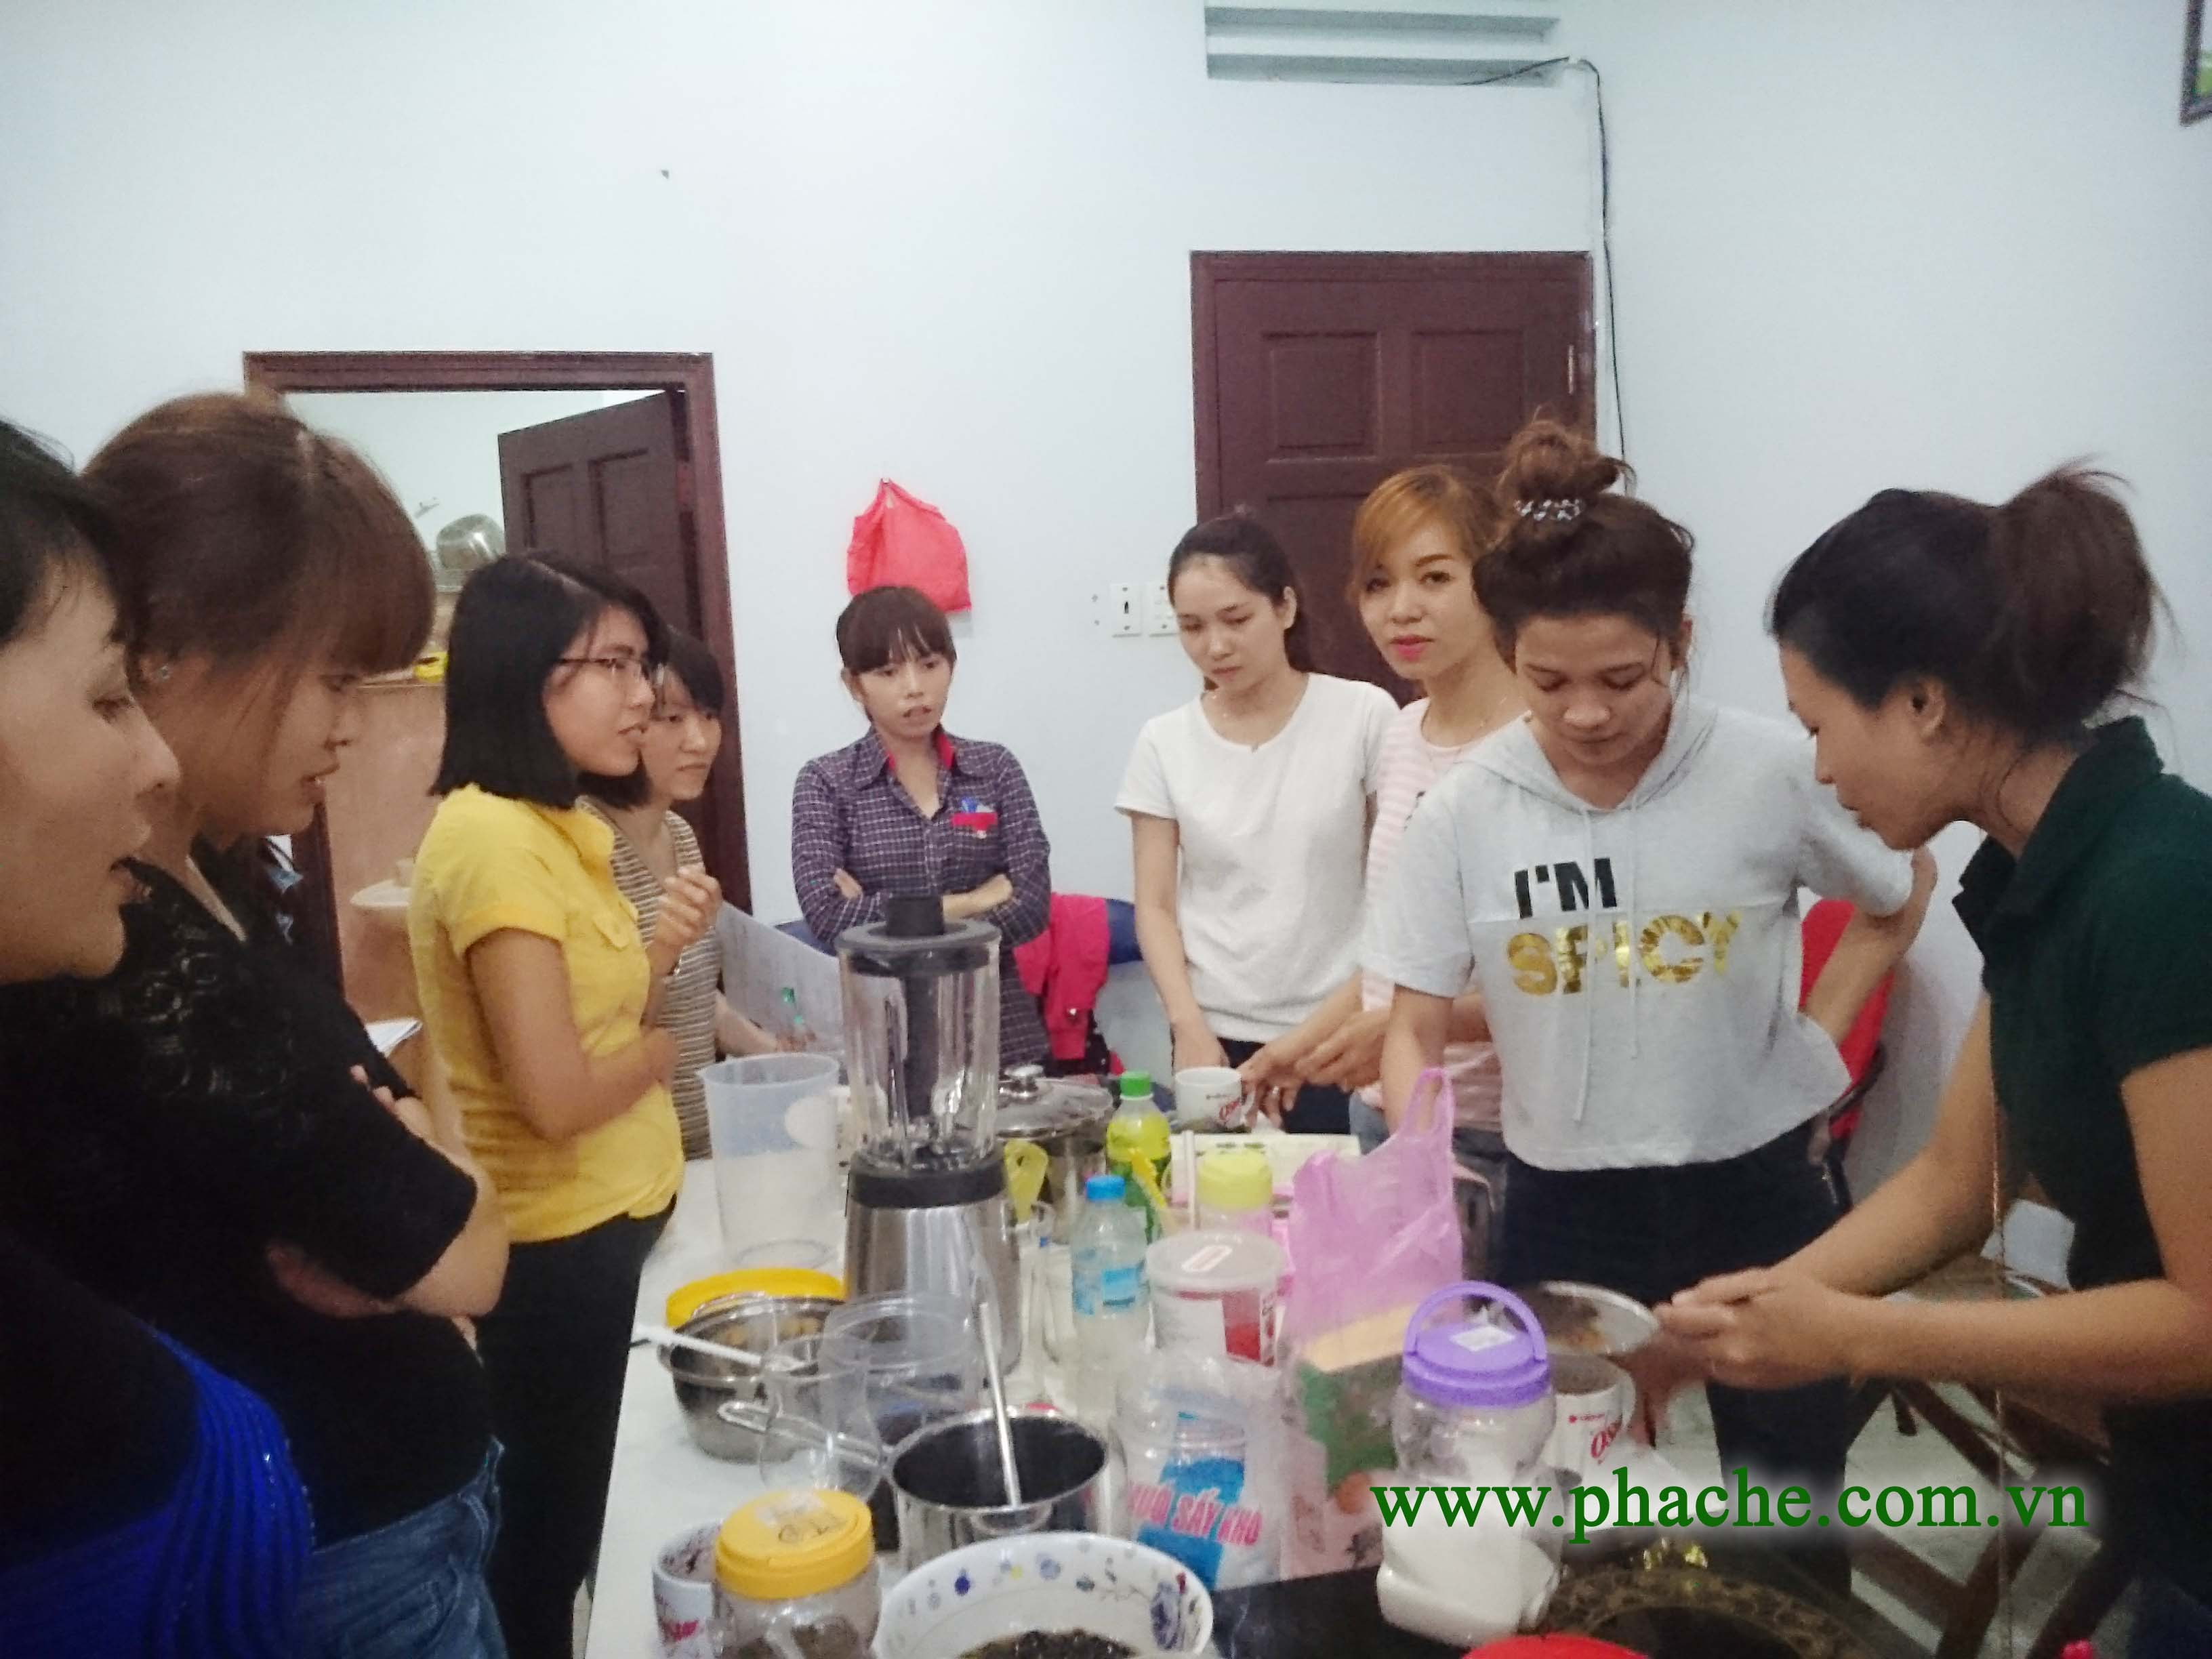 khóa học pha chế trà sữa chuyên nghiệp